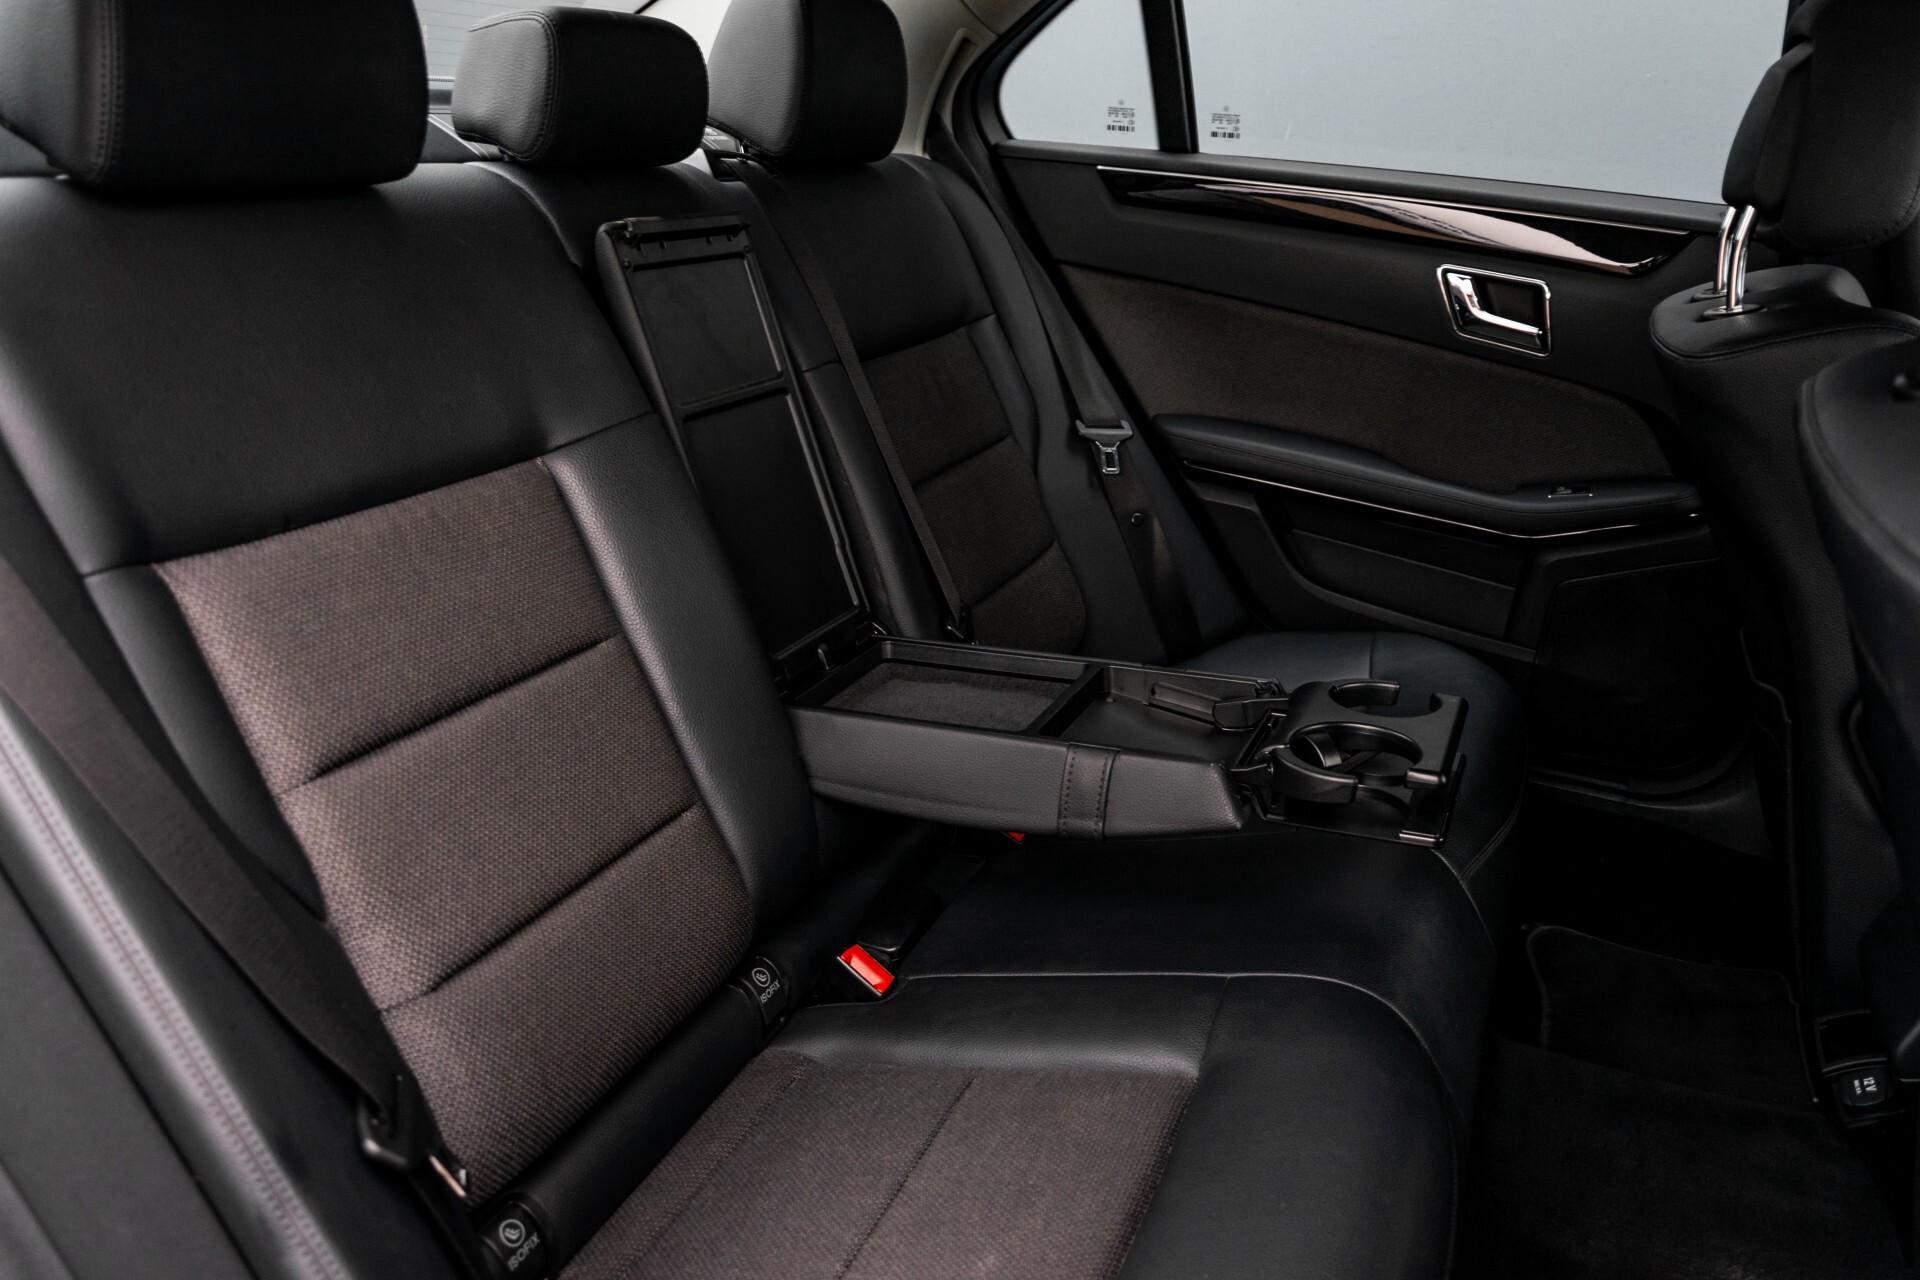 Mercedes-Benz E-Klasse 200 CGI Avantgarde Busines Class Aut5 Foto 5